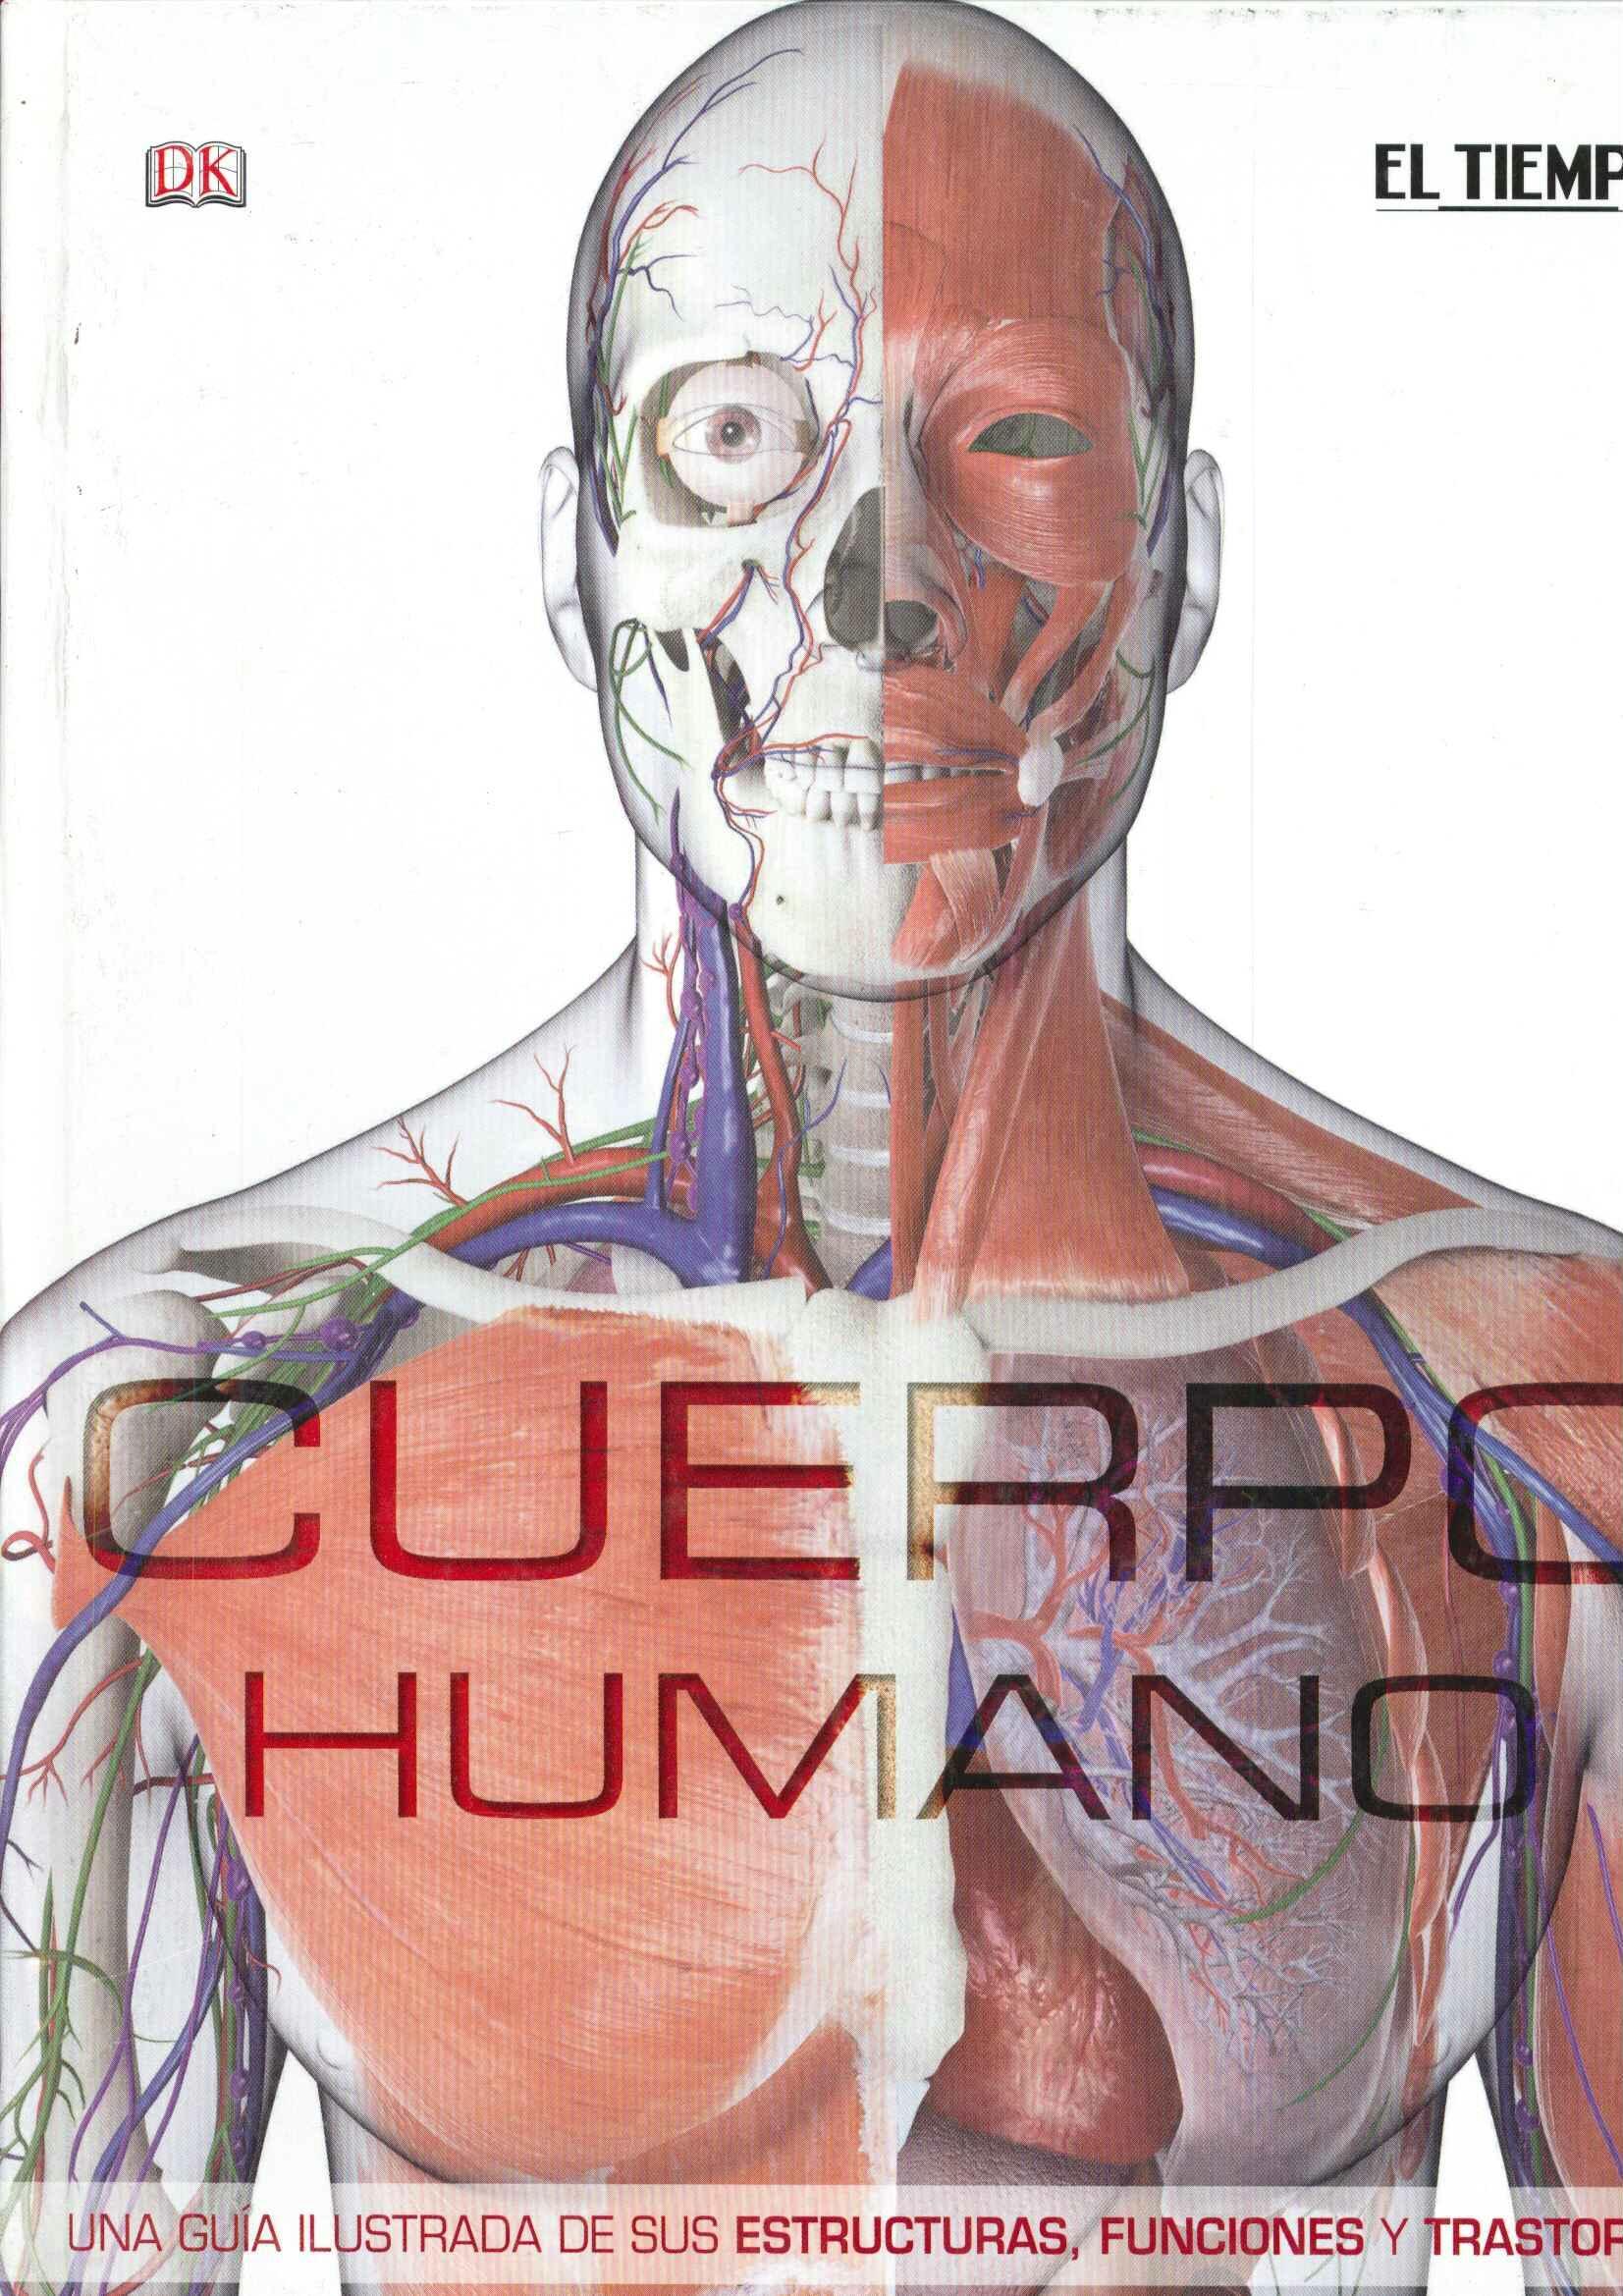 El Tiempo Presenta su Obra Cuerpo Humano. | Colecciones El Tiempo